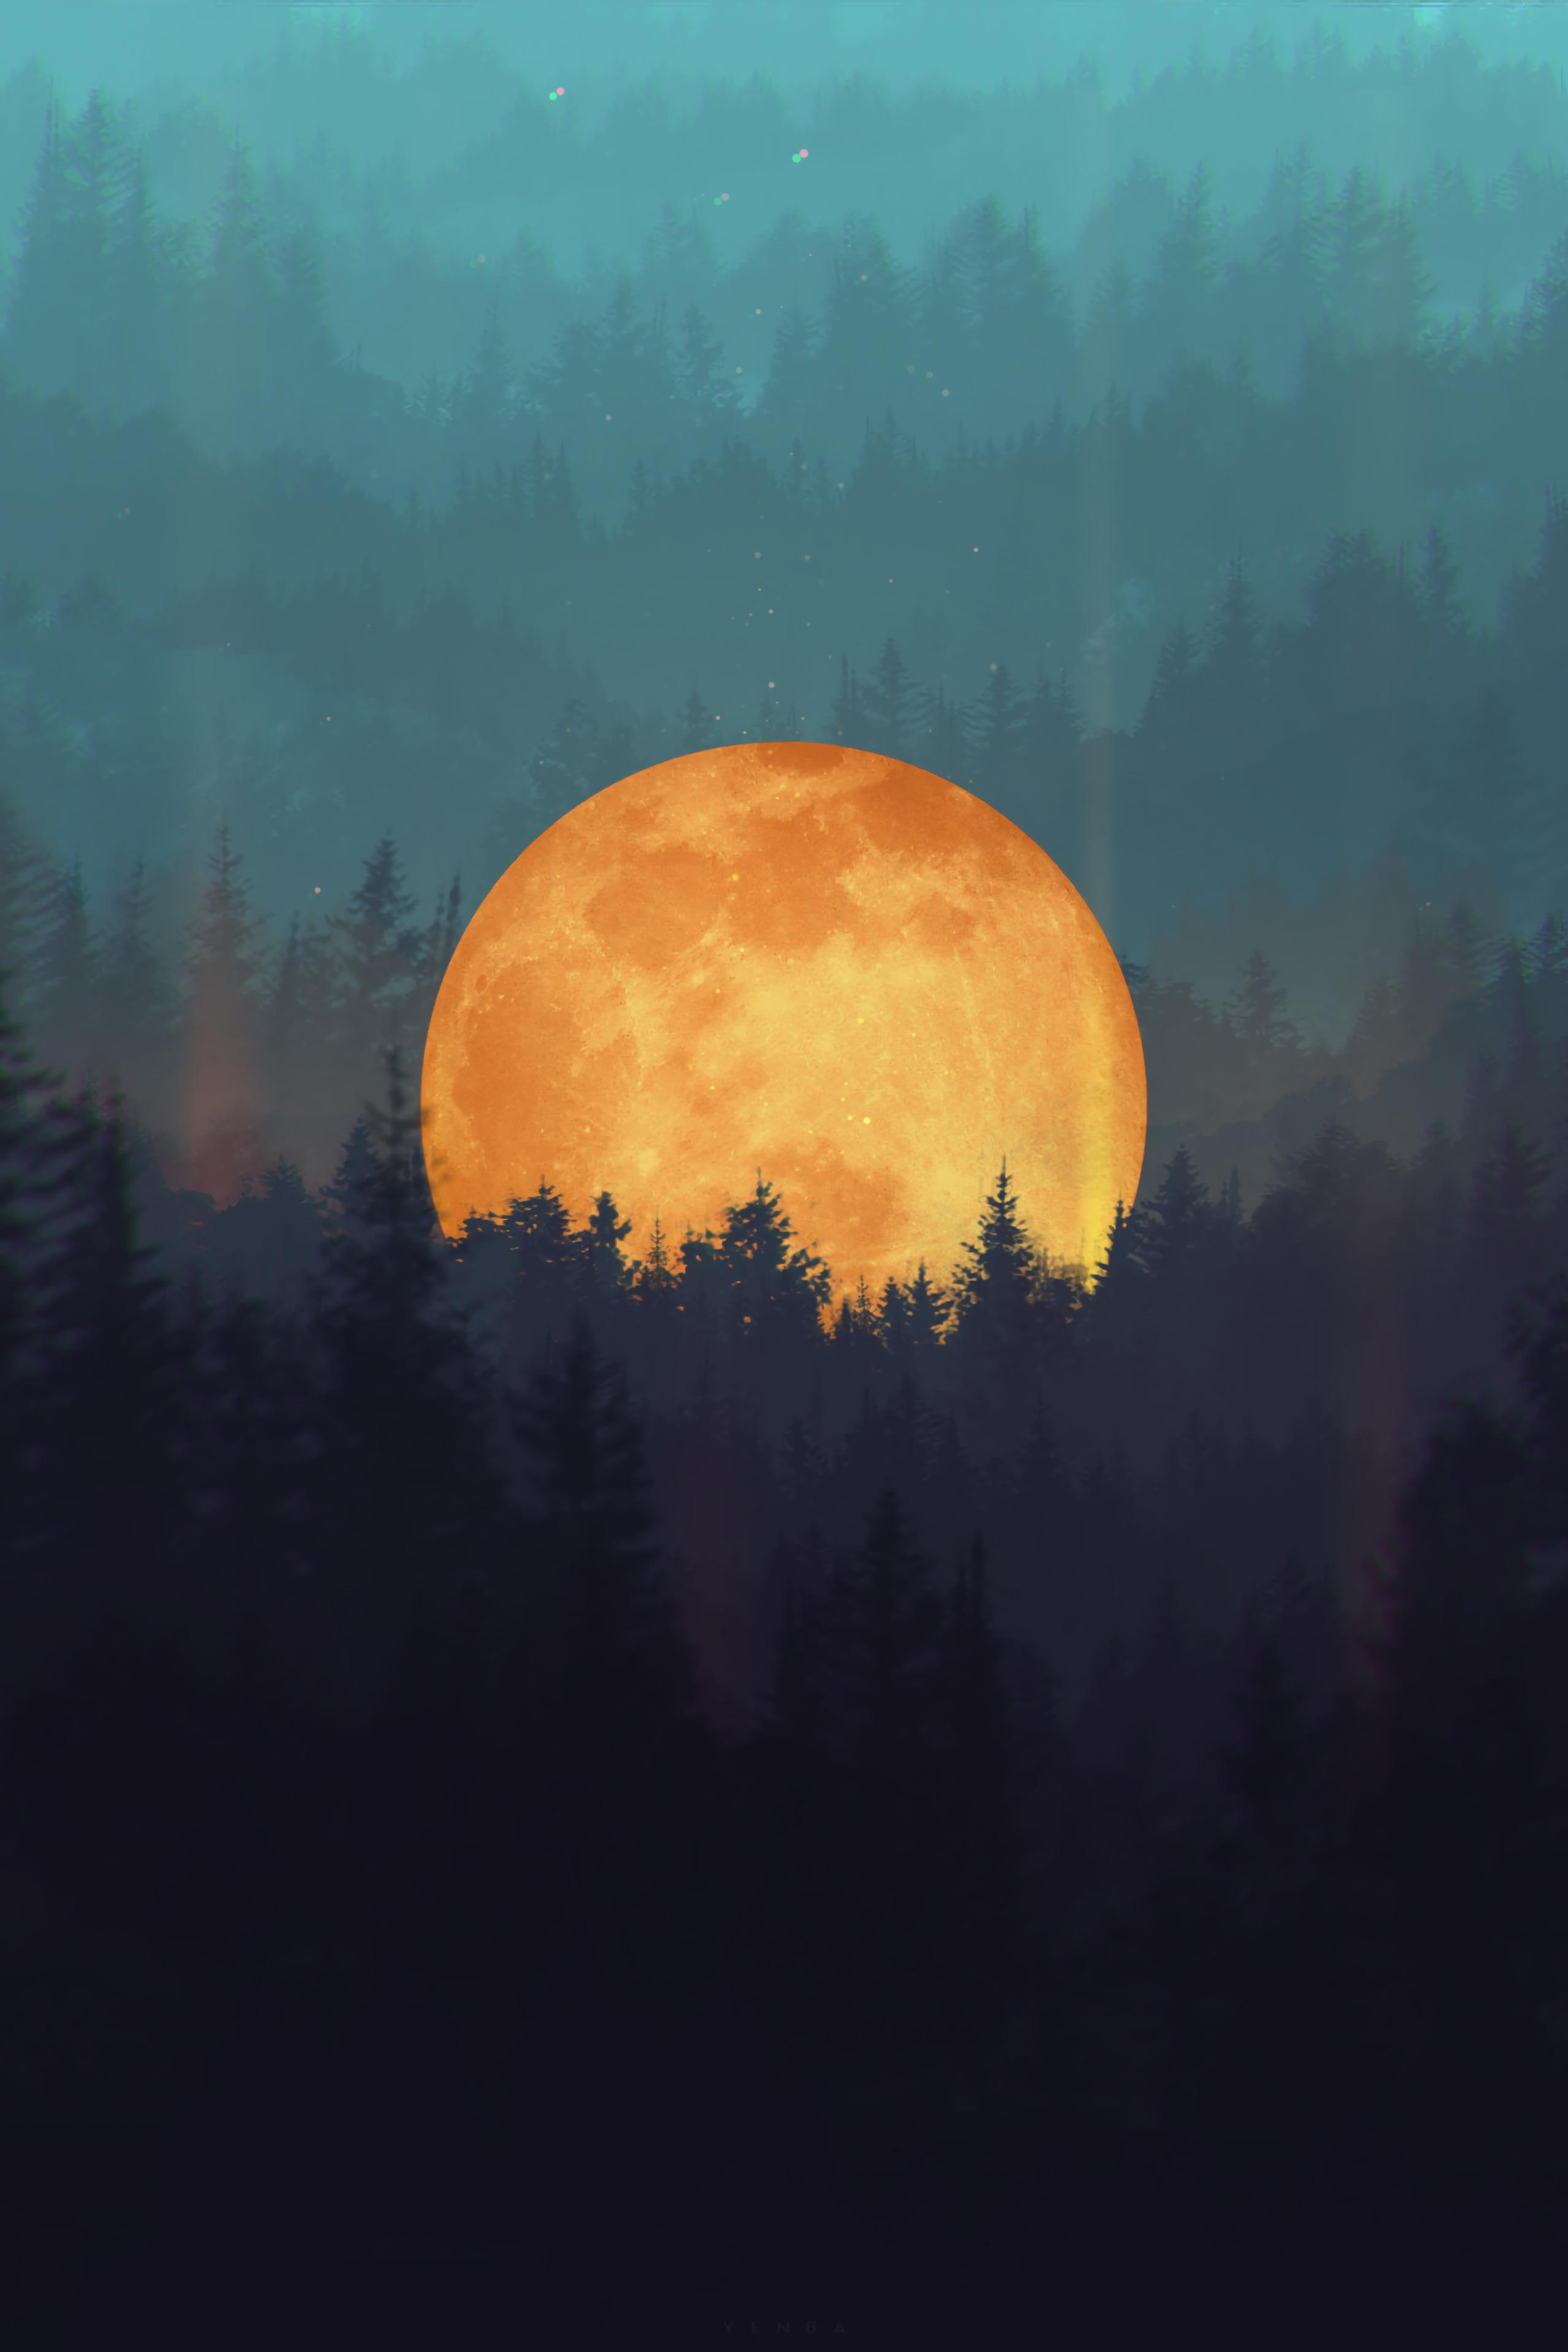 147004 скачать обои Луна, Деревья, Арт, Лес, Иллюзия - заставки и картинки бесплатно